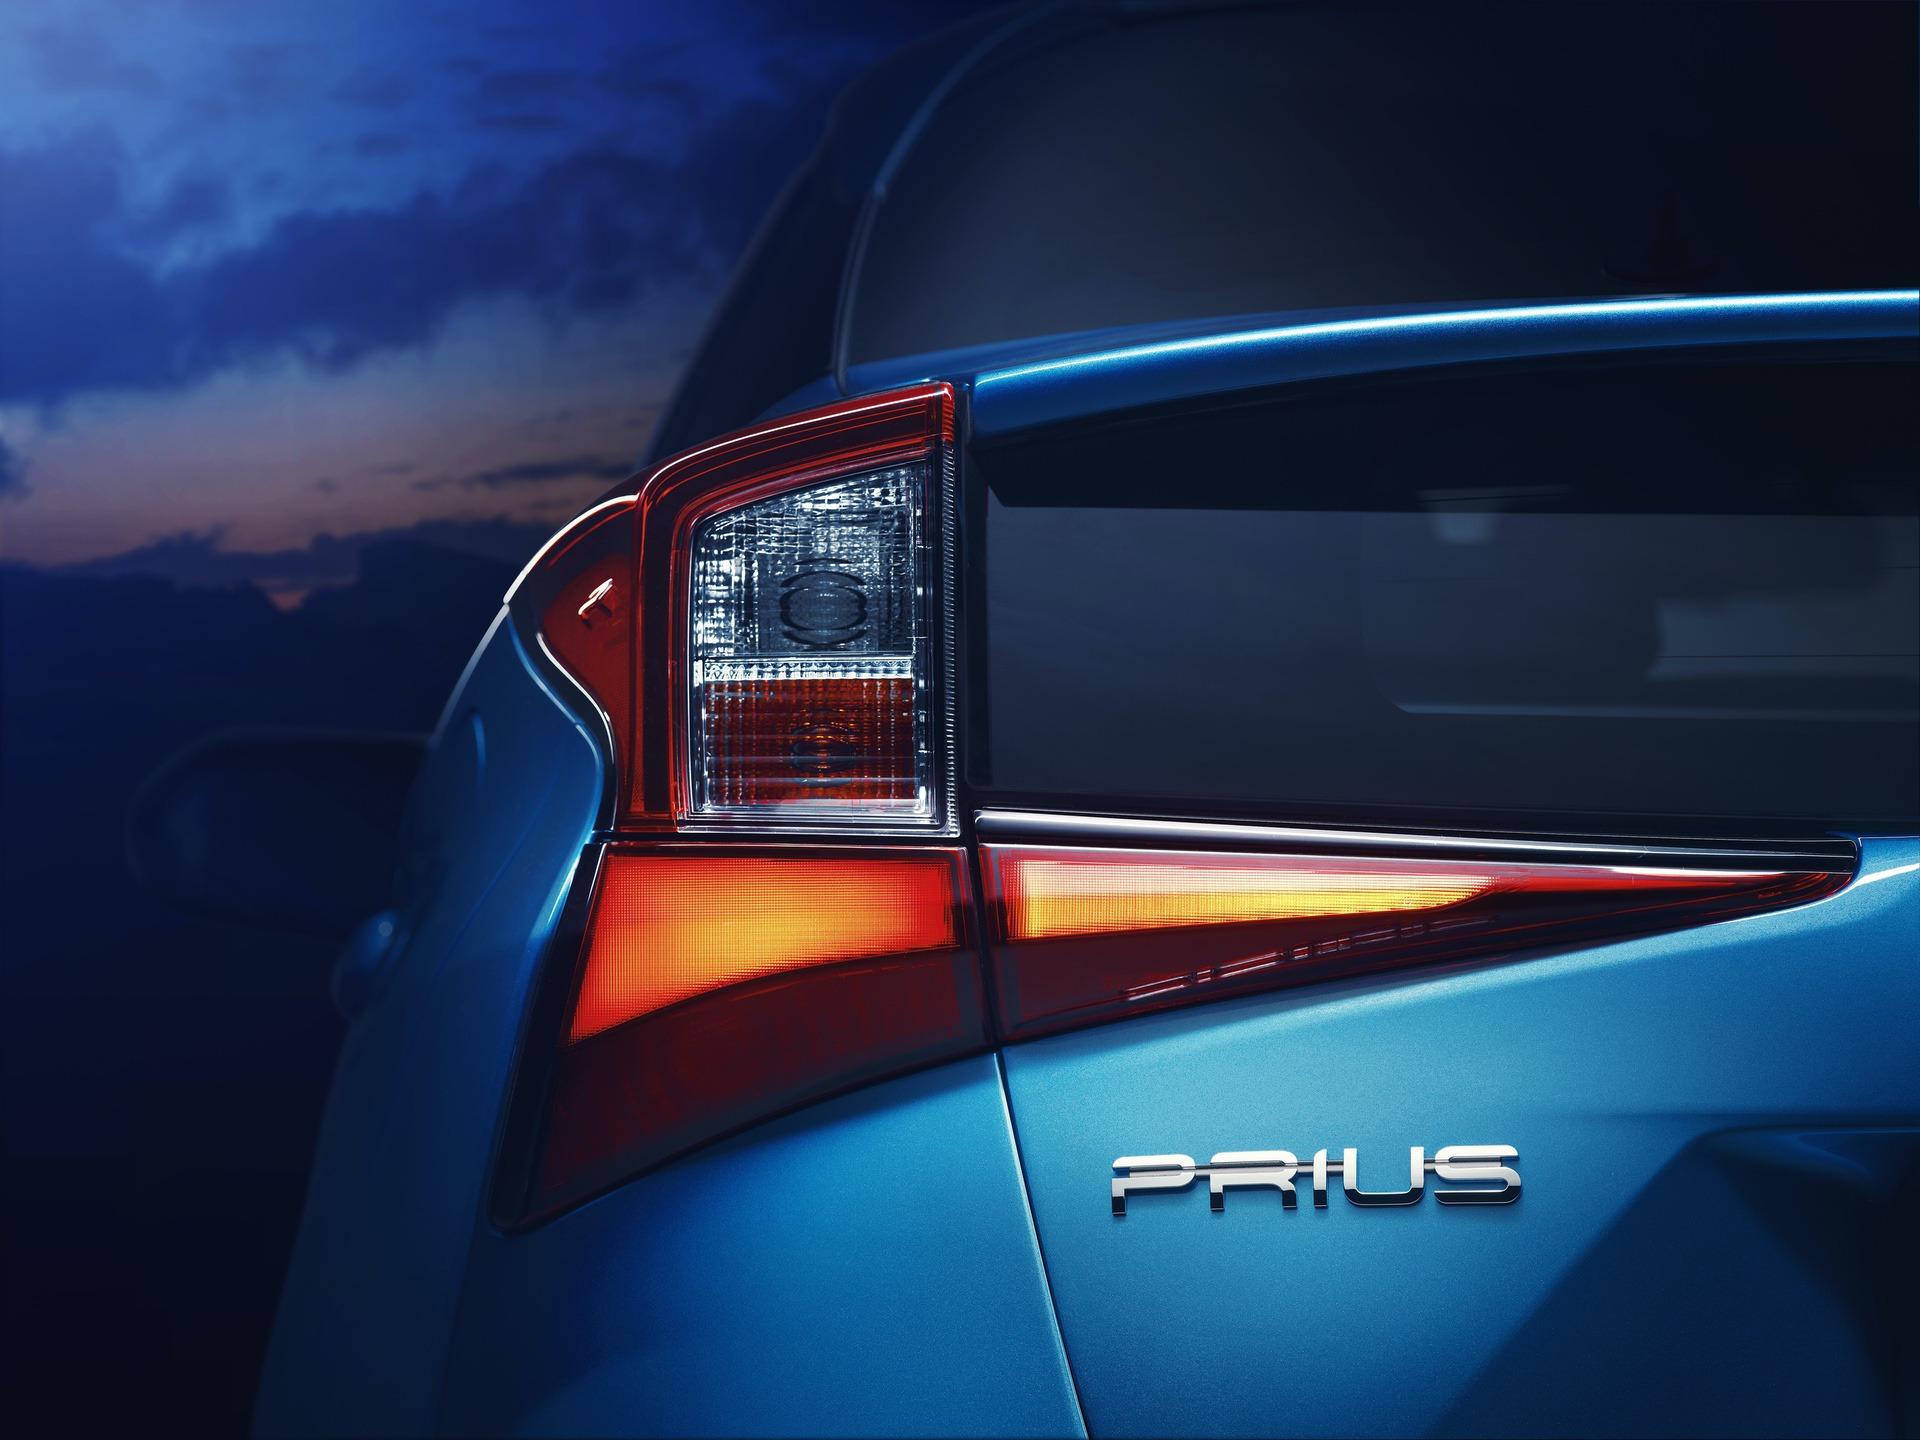 2019_Toyota_Prius_facelift_0003